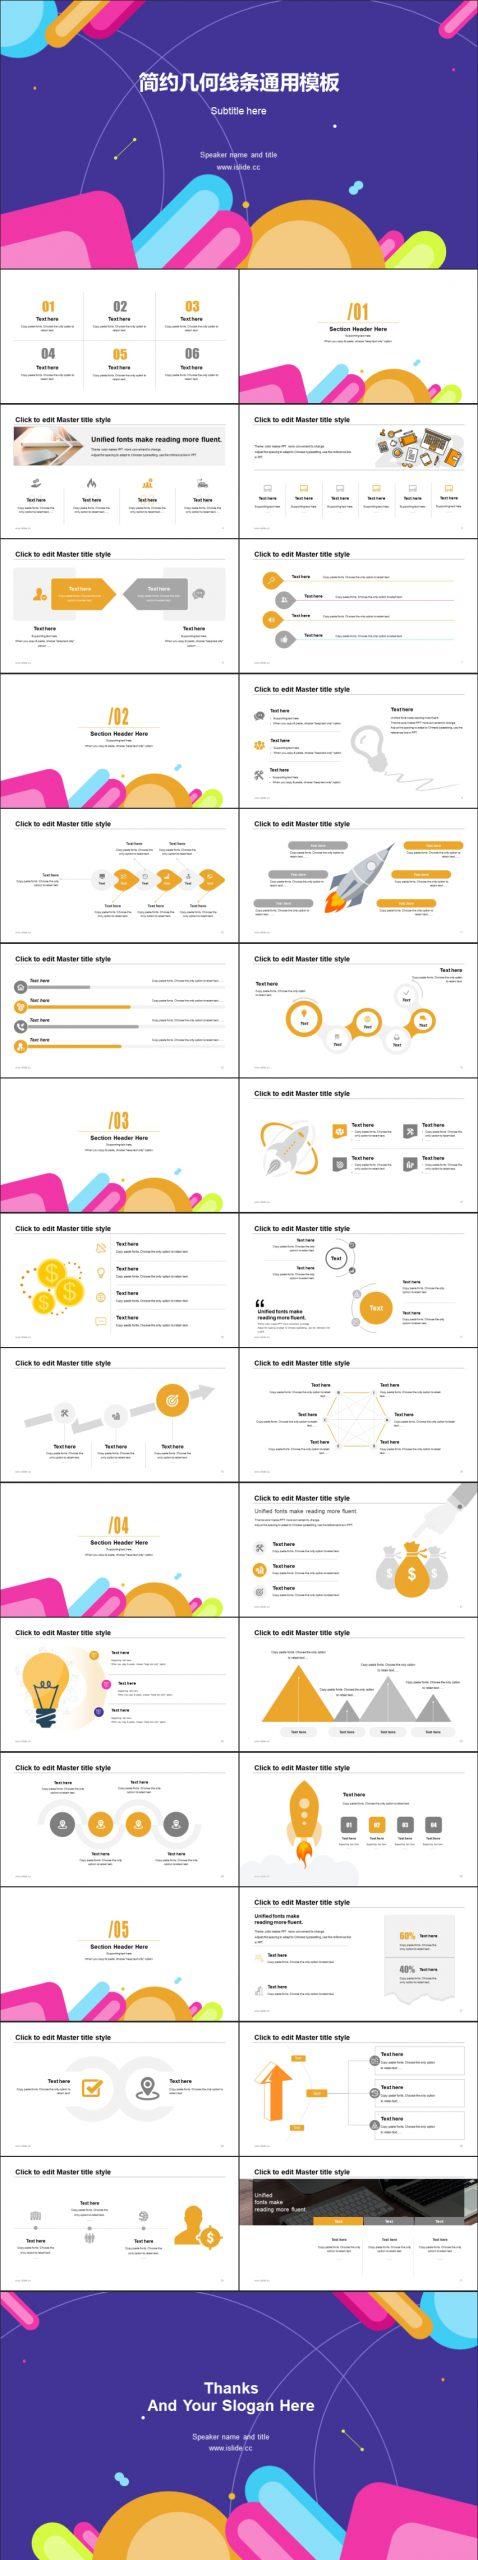 缤纷色彩节日庆典营销策略PPT模板下载_预览图2